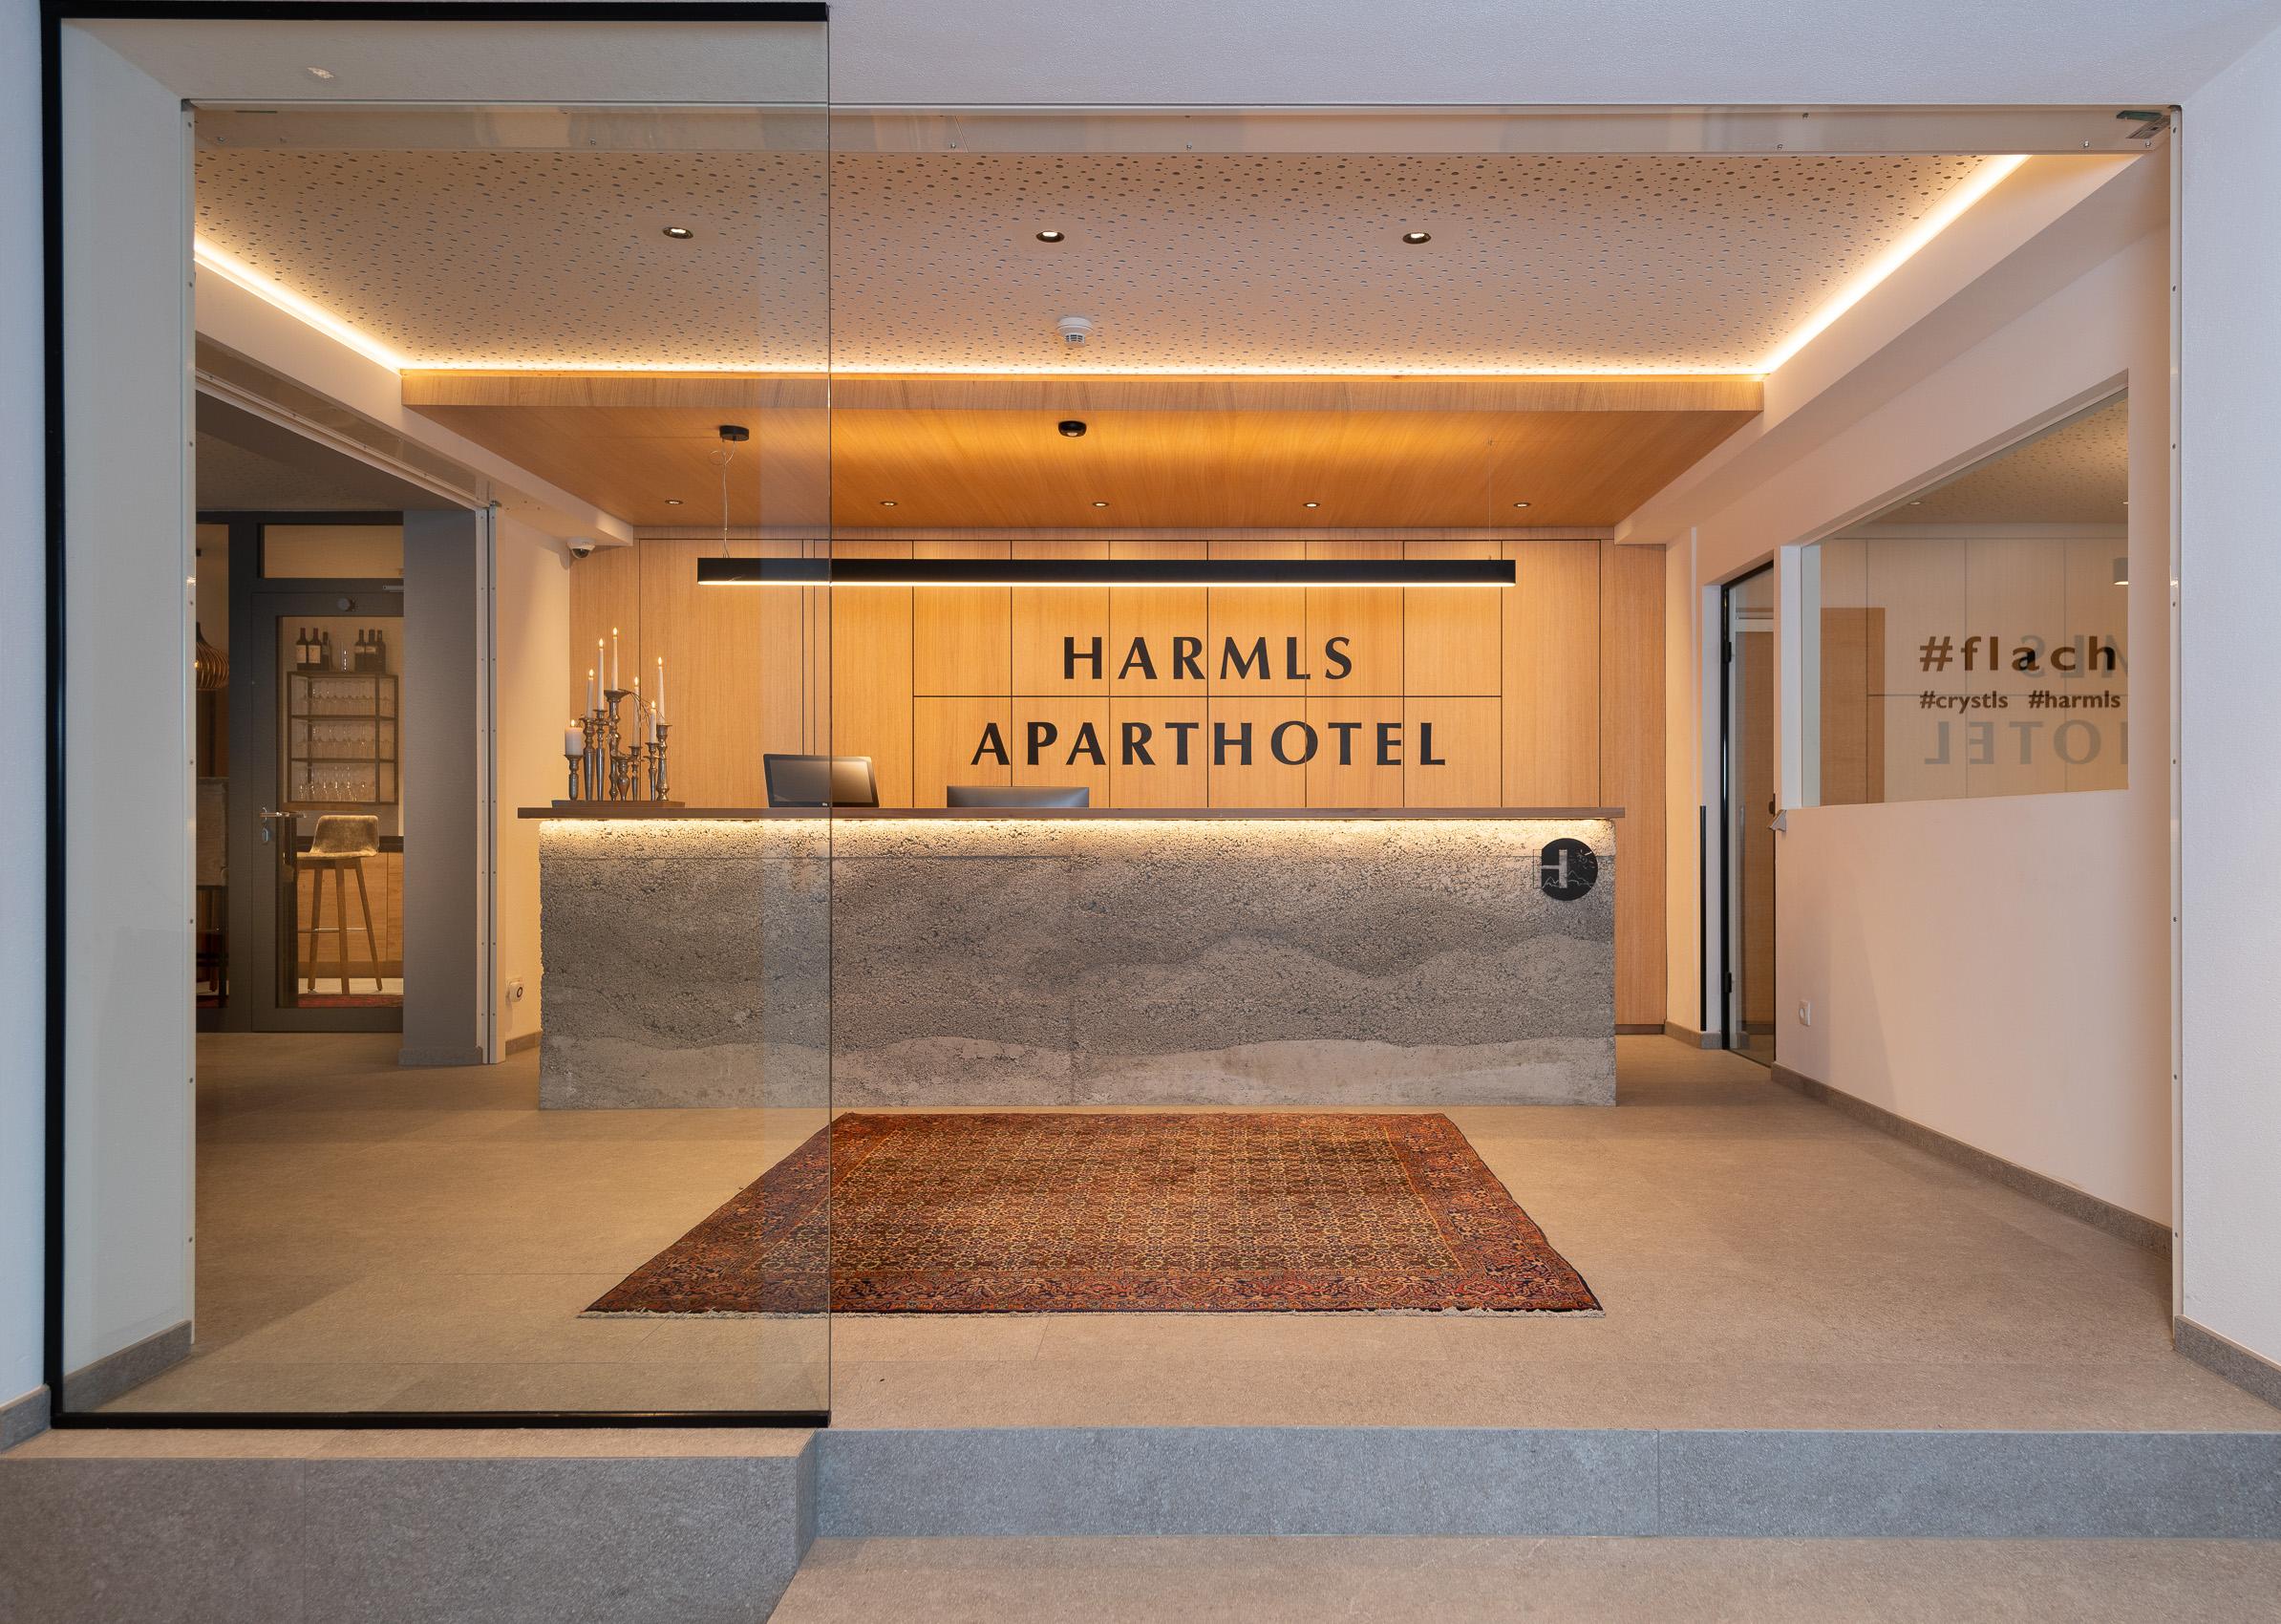 Herzlichkeit Werte Harmls Aparthotel Familienurlaub in Flachau in Österreich